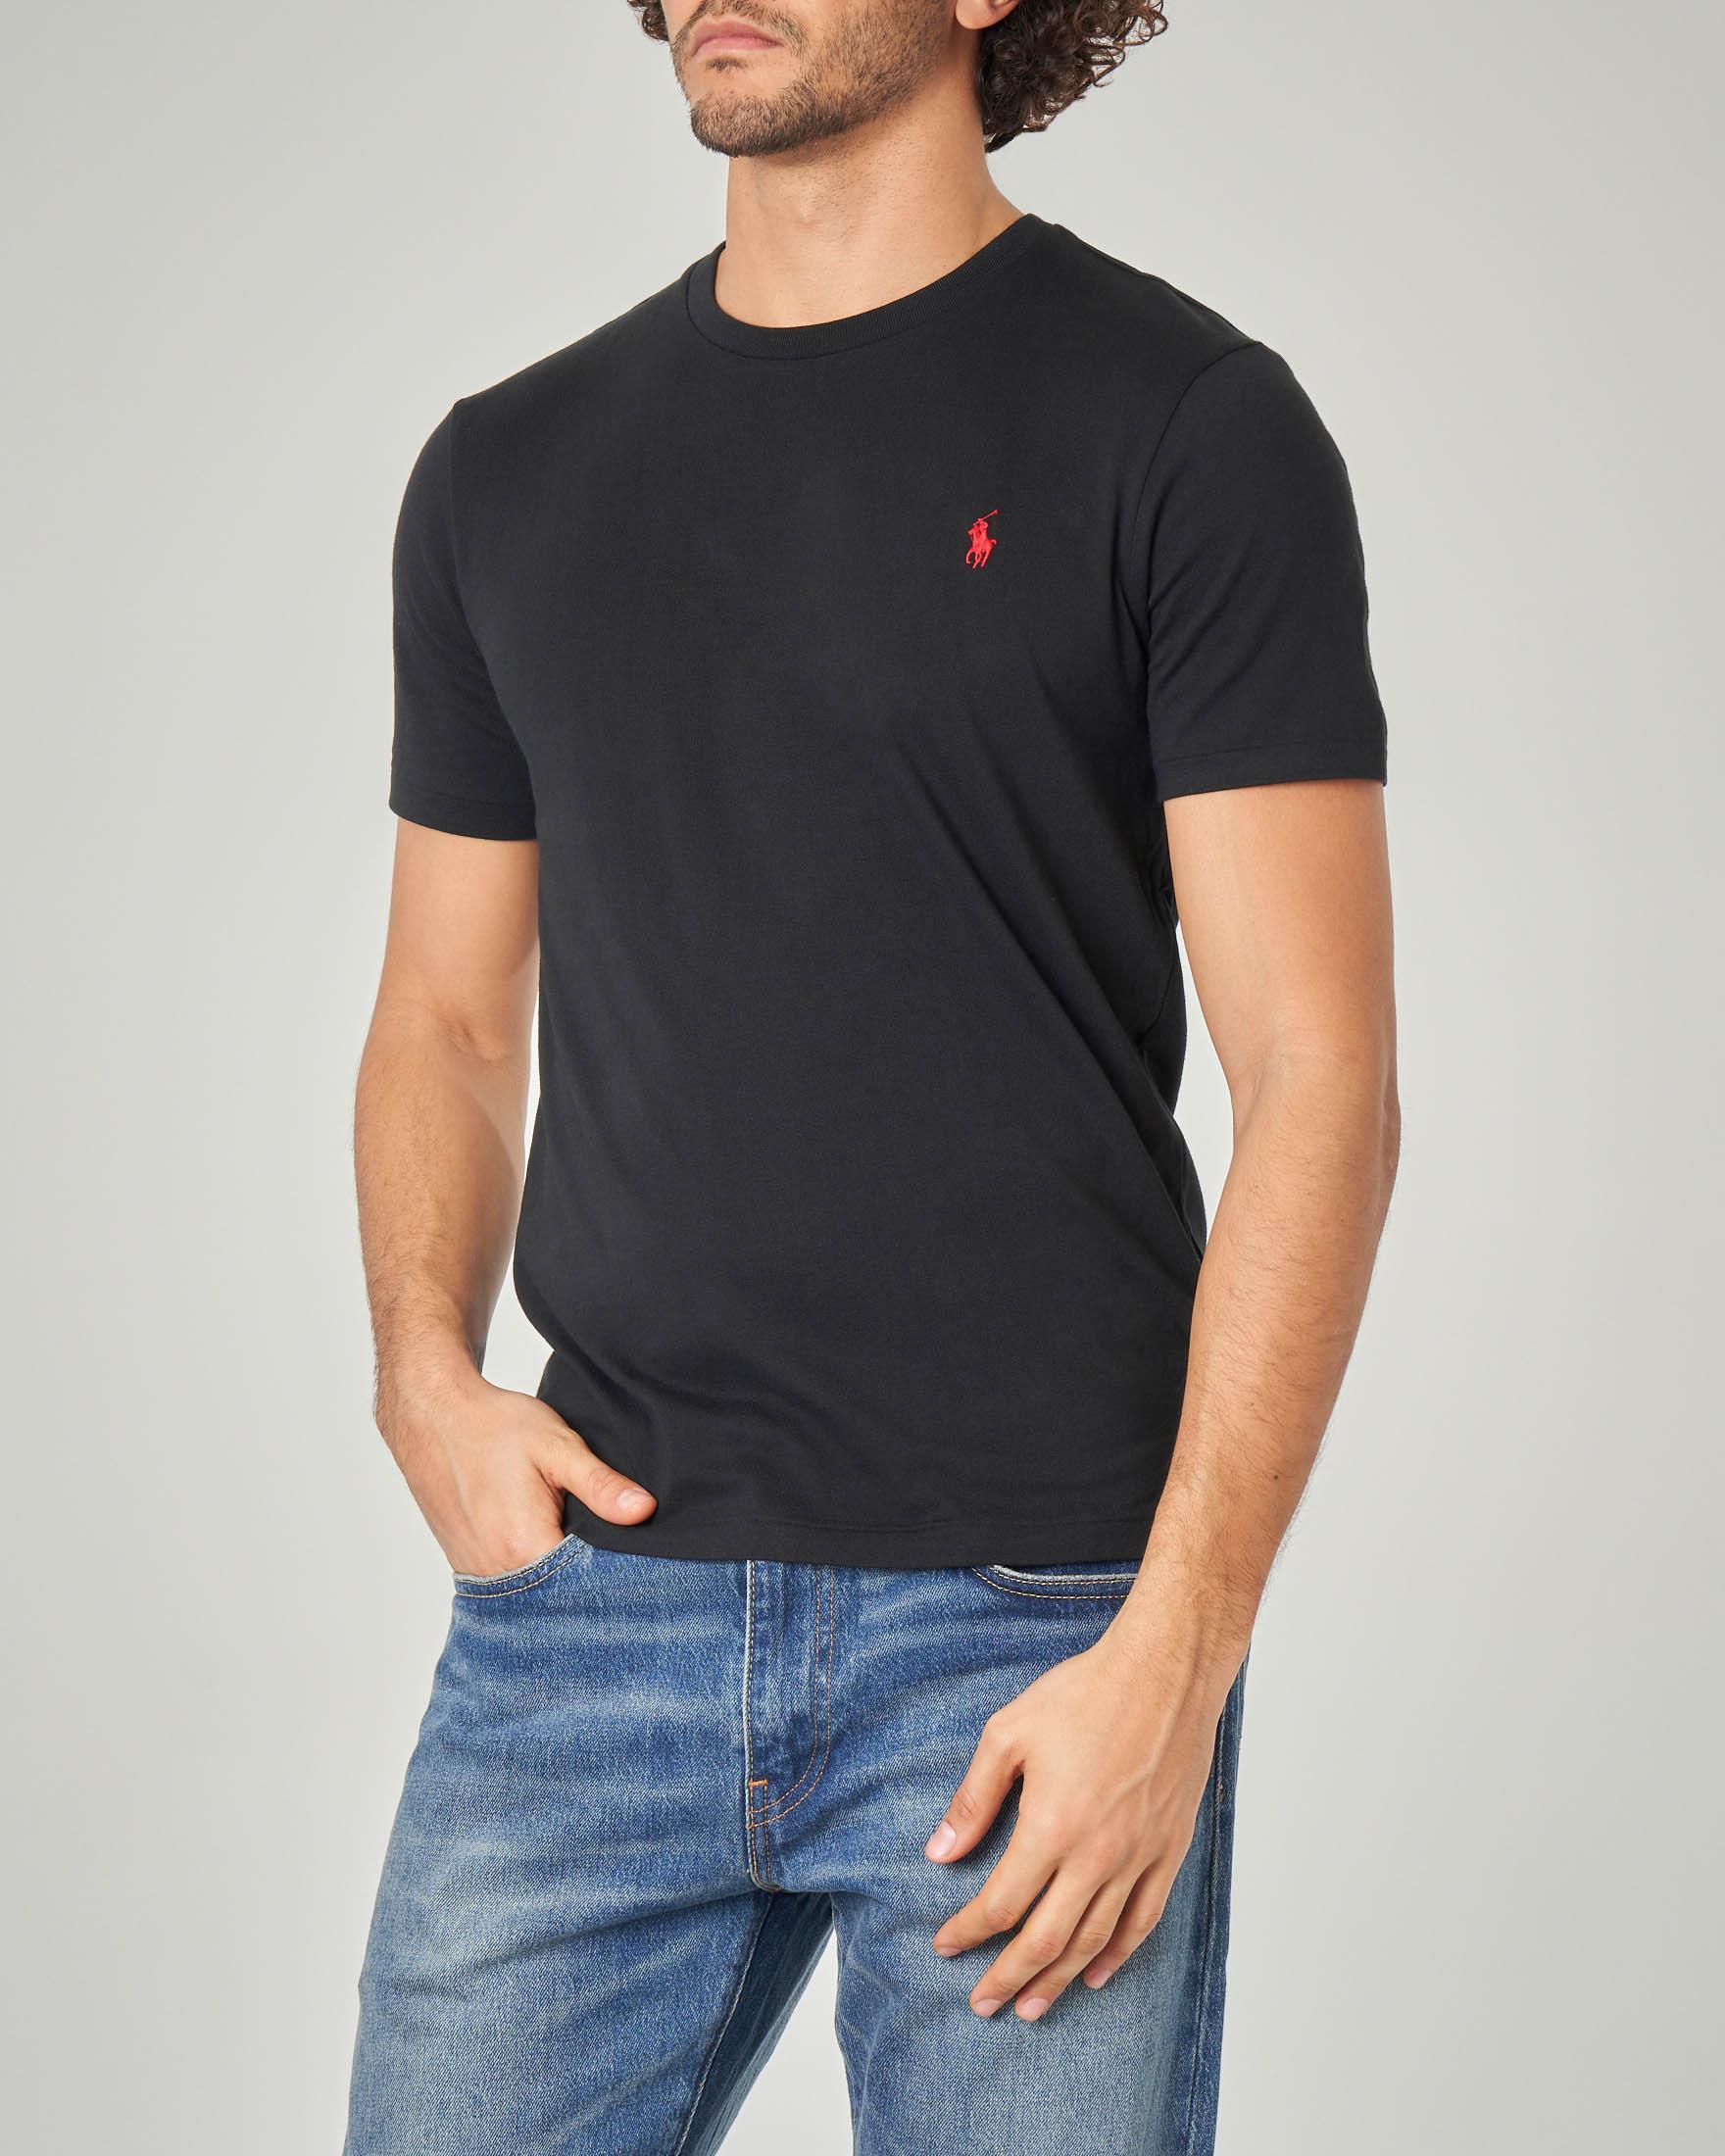 T-shirt nera con logo rosso